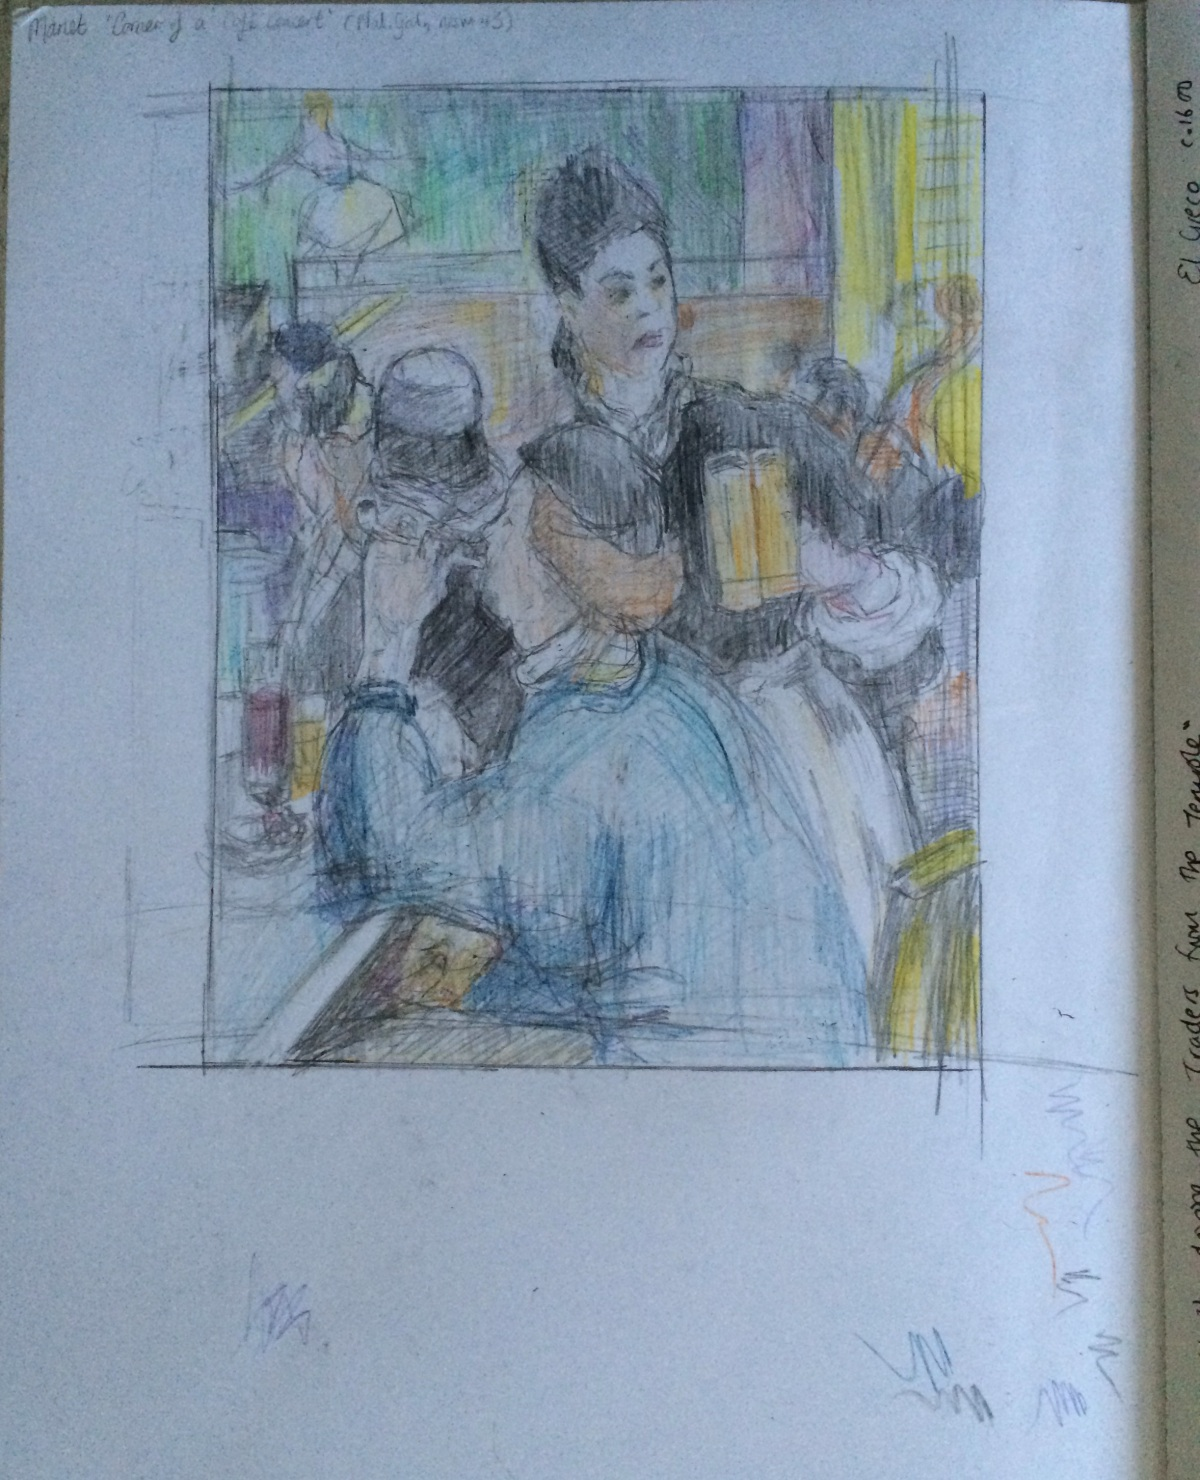 After Manet: Corner Cafe Concert